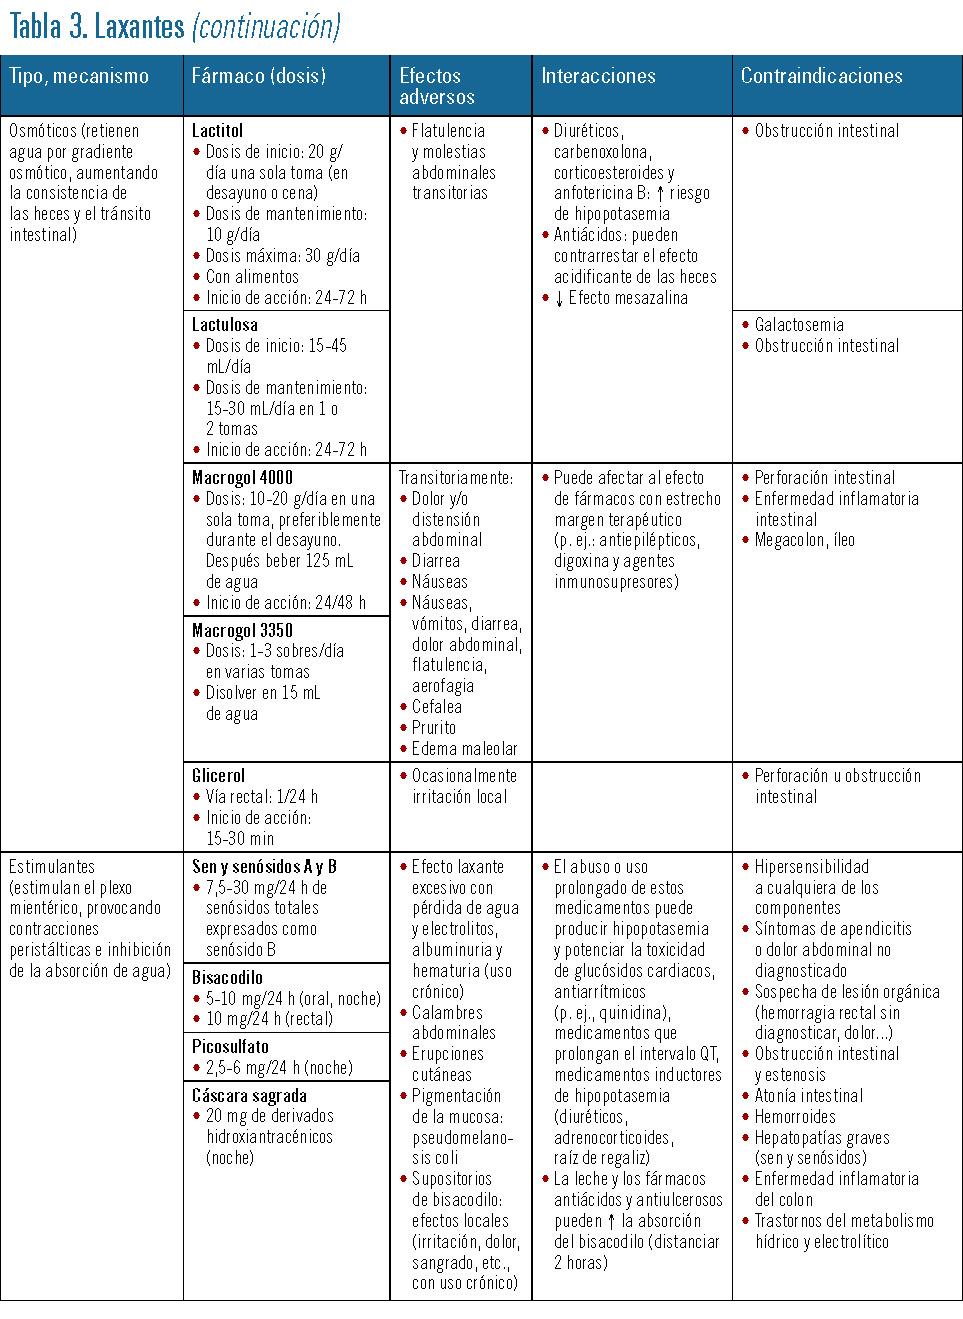 39 EF571 CURSO TEMA 13 tabla 3 continuacion